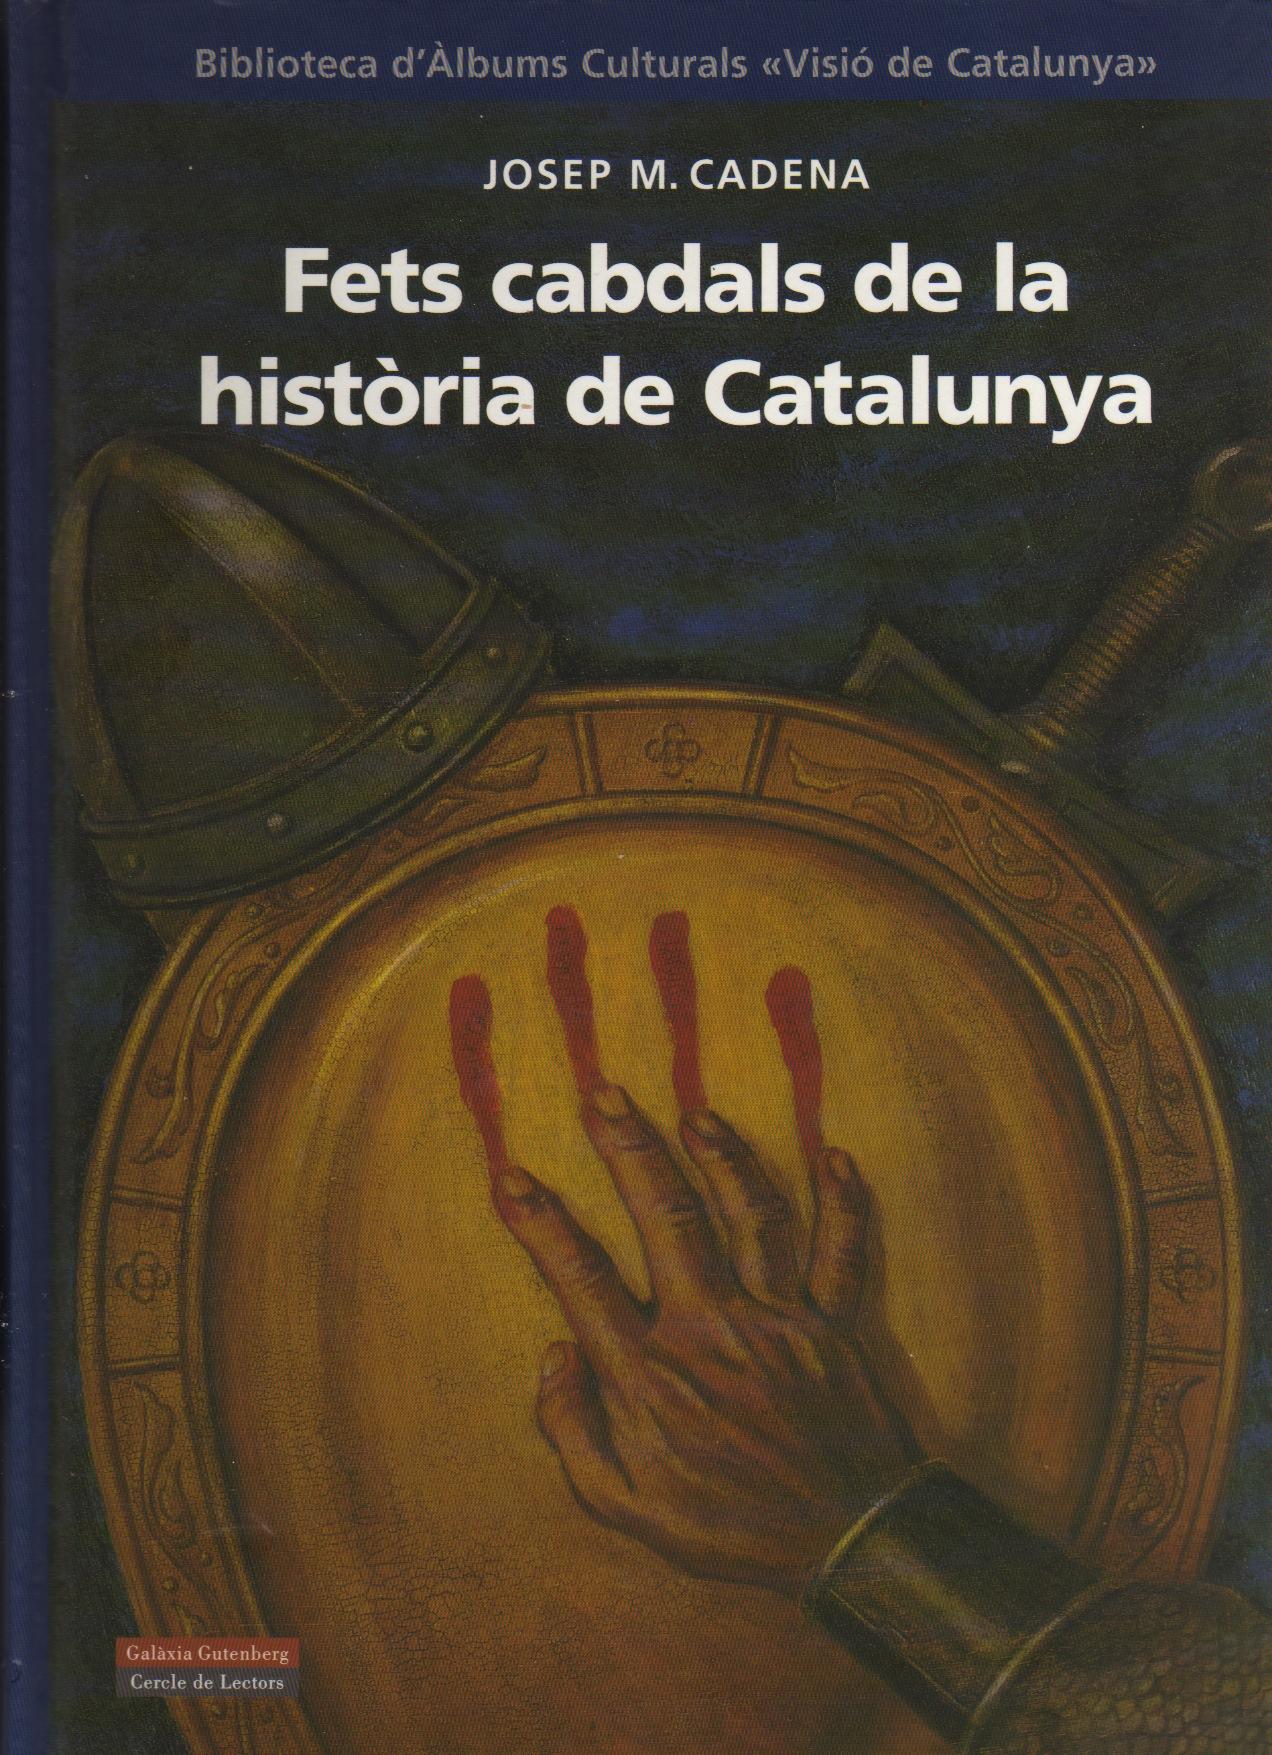 Fets cabdals de la història de Catalunya